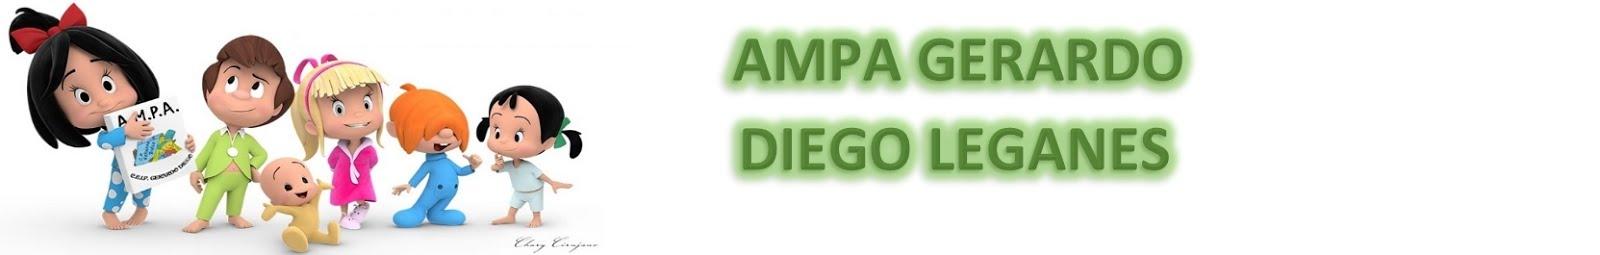 AMPA GERARDO DIEGO DE LEGANES